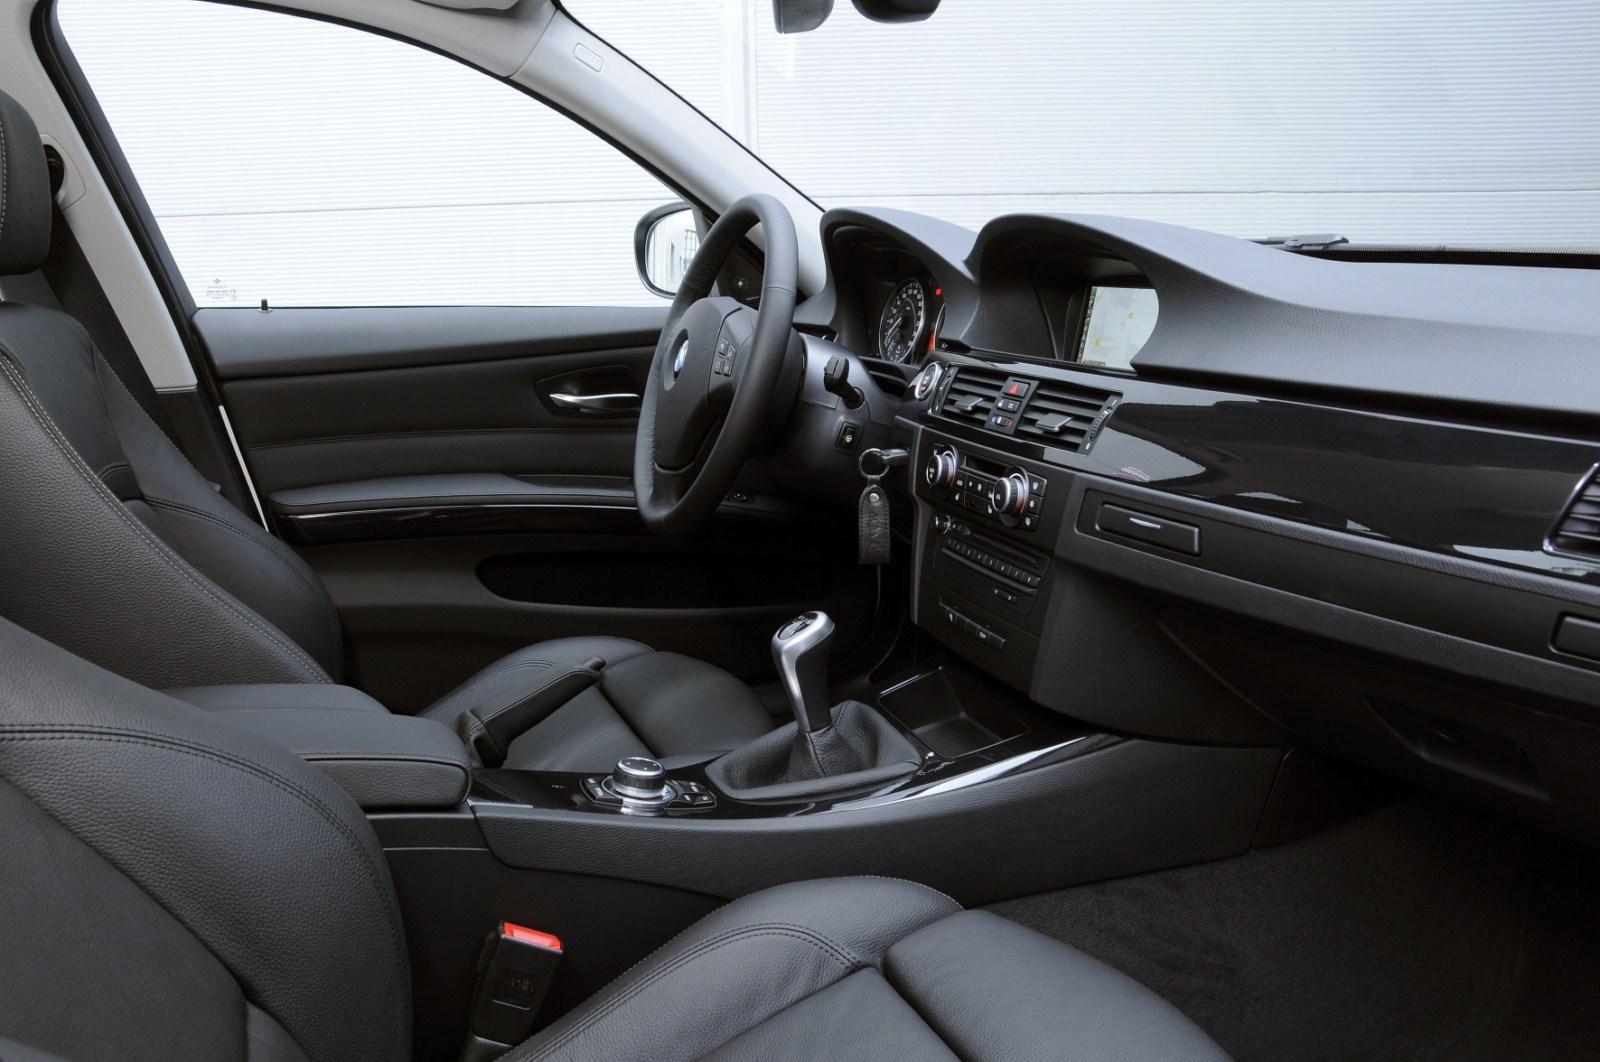 Nieuw Fahrbericht: Mit dem BMW 320d EfficientDynamics Edition nach Paris ZJ-83